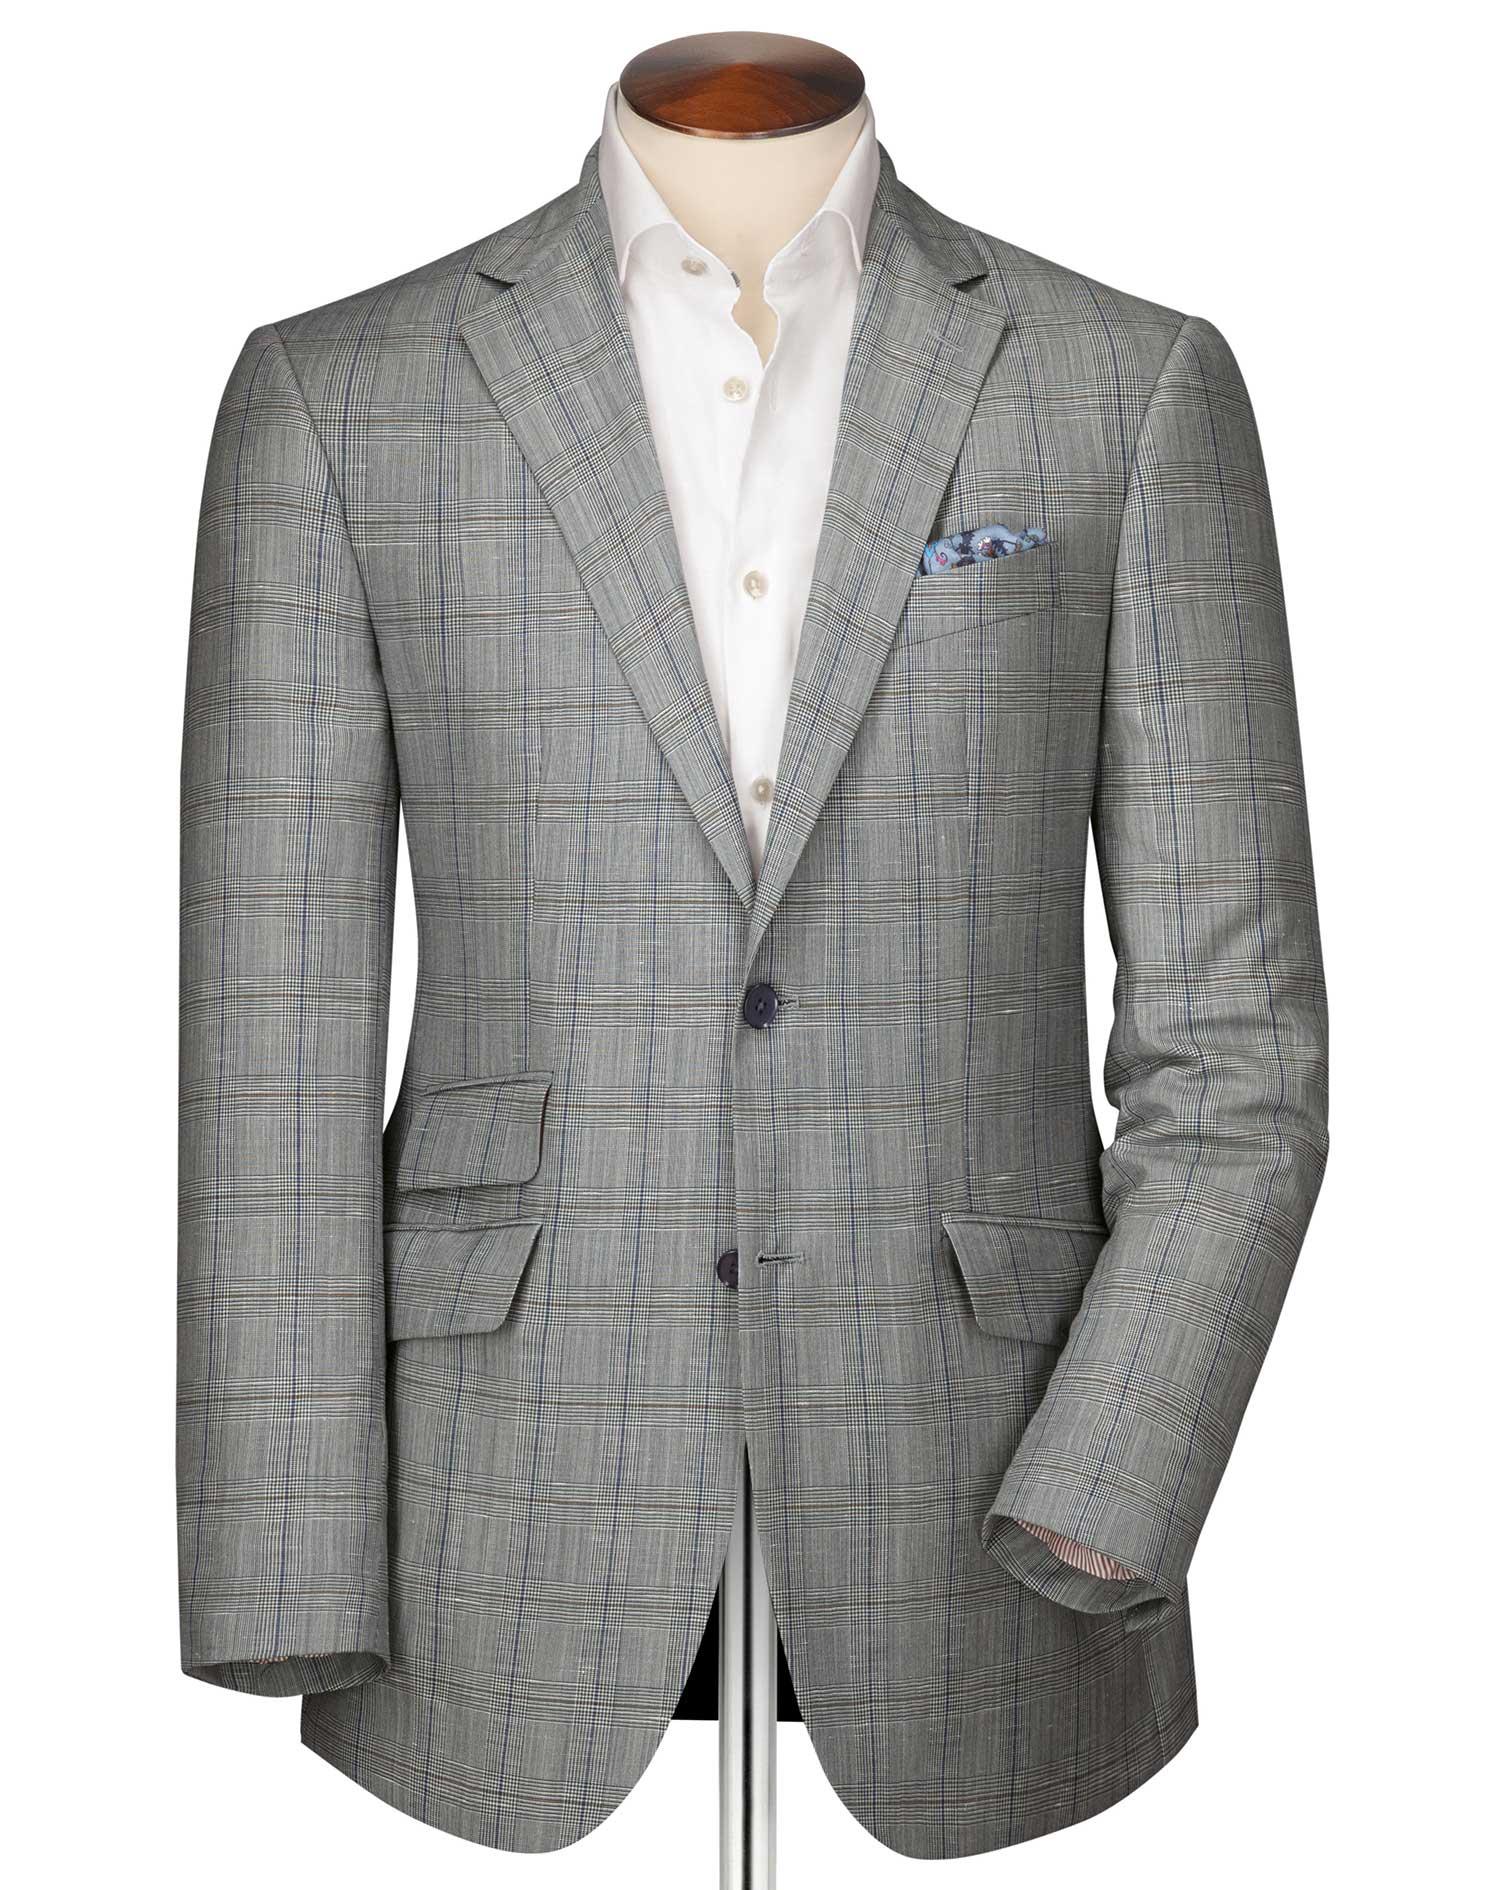 Classic Fit Blue Checkered Linen Mix Linen Jacket Size 44 Regular by Charles Tyrwhitt